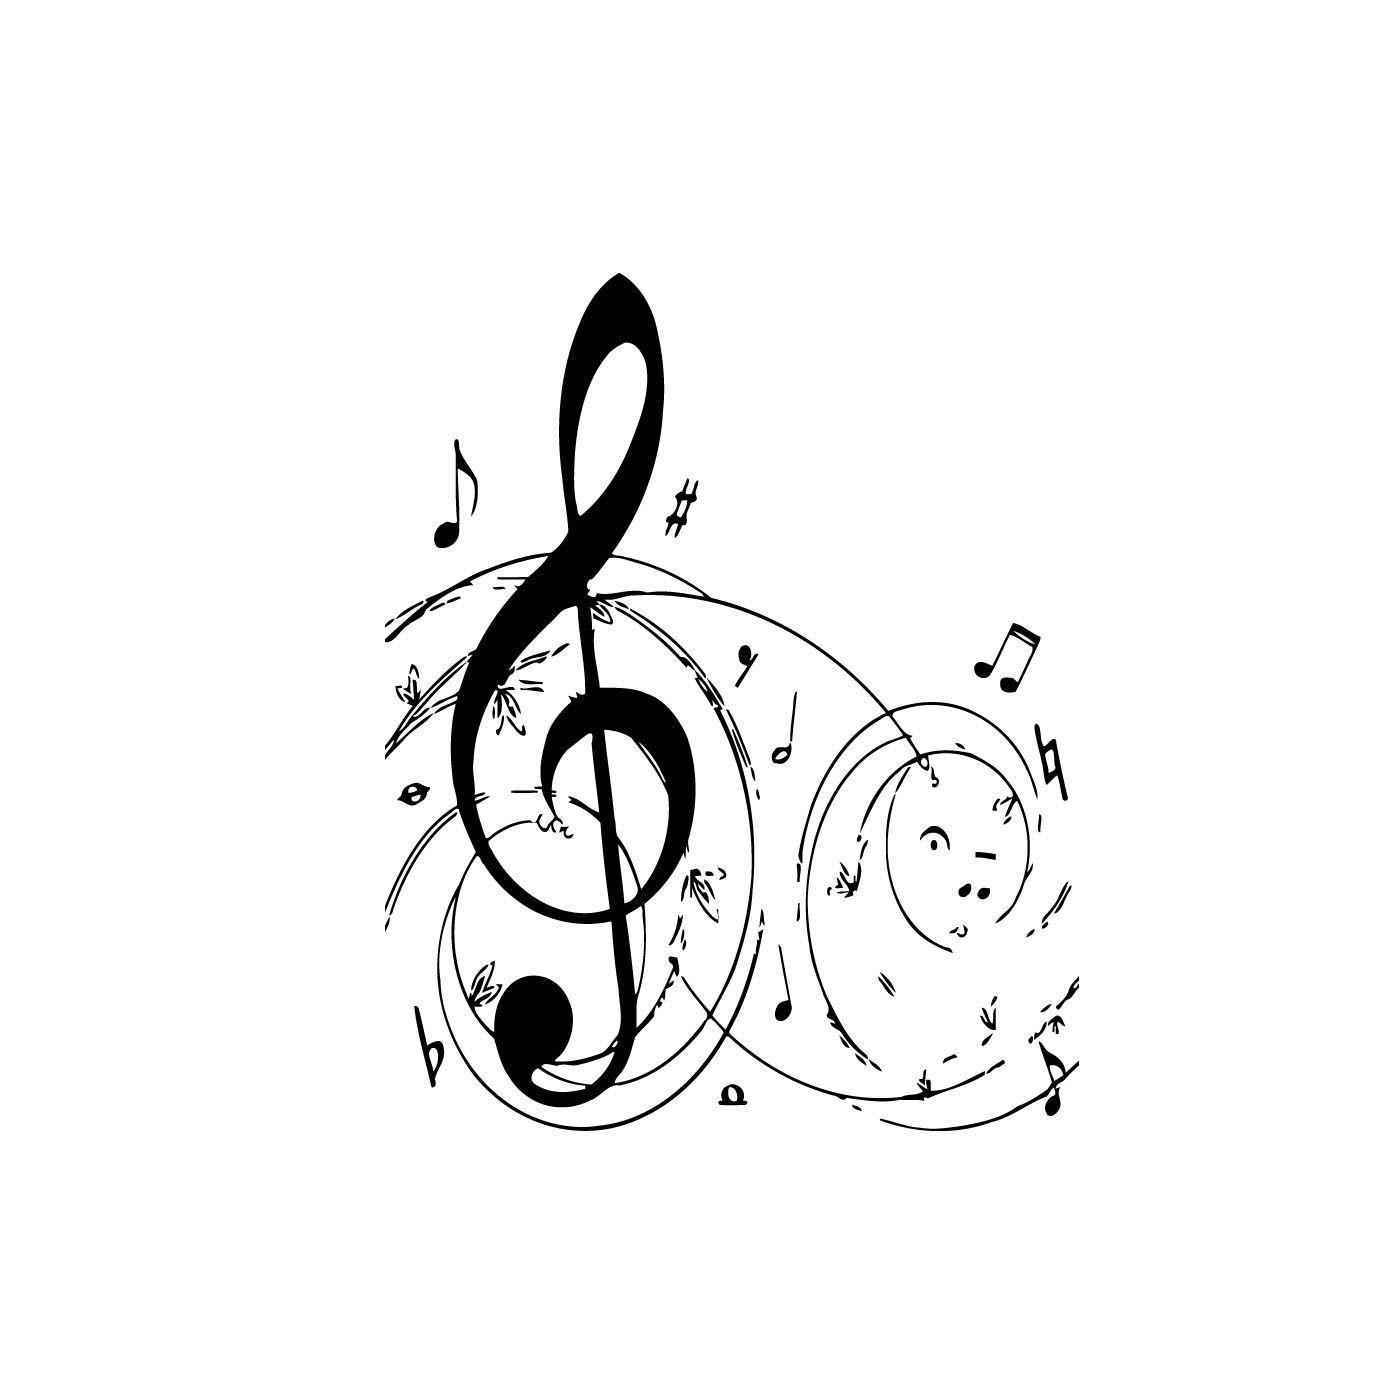 Картинки с скрипичным ключом и нотами, картинки надписью августа